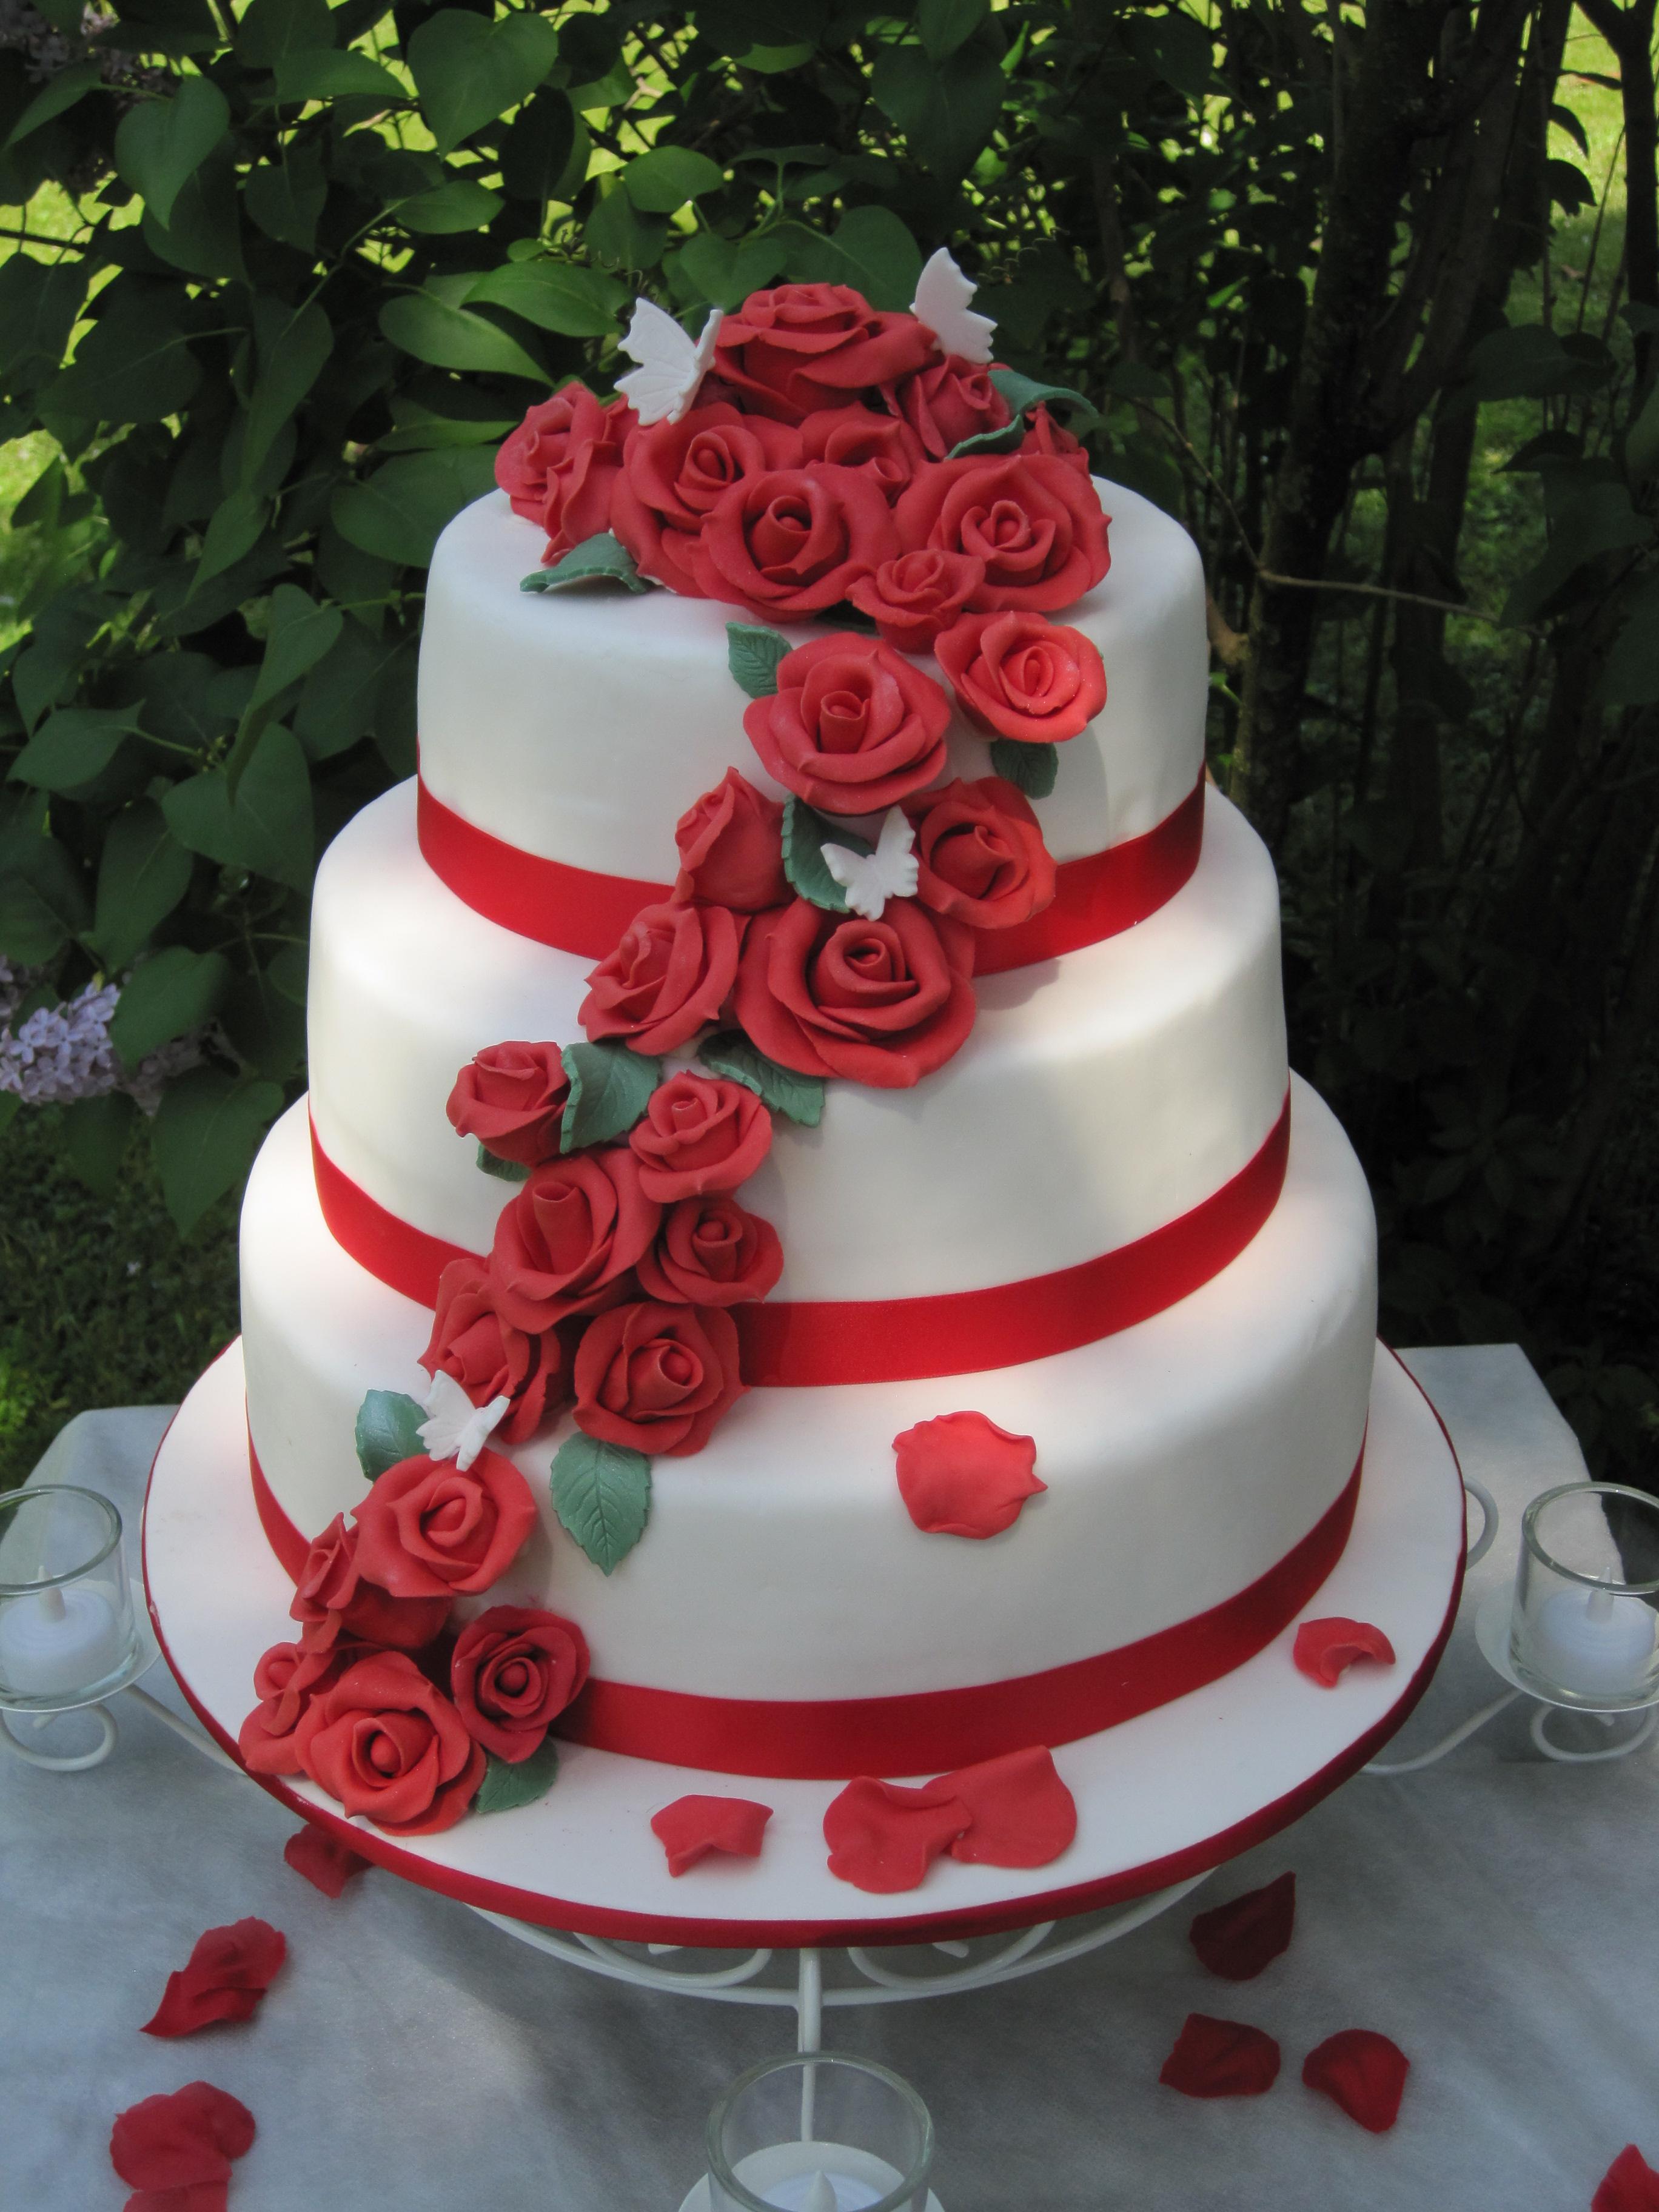 Come conservare avanzi torta sposi matrimonio?